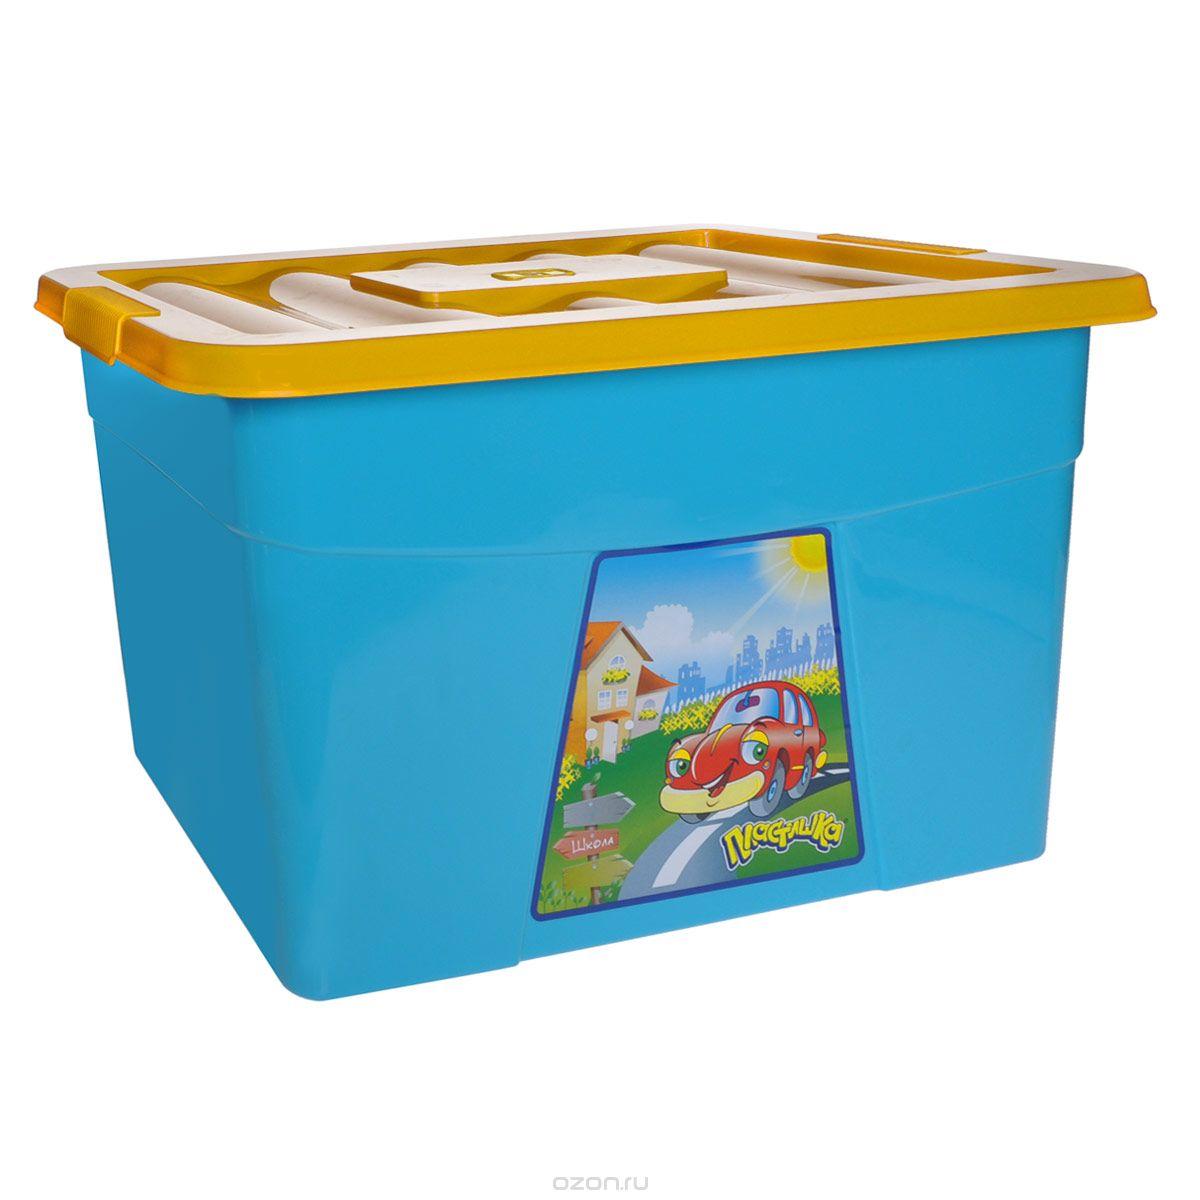 Пластишка Ящик для игрушек на колесиках цвет голубой желтый 60 см х 40 см х 36 смС13068 голубойБольшой вместительный ящик предназначен для хранения игрушек, мелких предметов, детских конструкторов. На дне ящика есть колесики, благодаря которым ребенок сможет сам передвигать ящик по комнате. Удобный ящик защитит содержимое от пыли, влаги, грязи. Он выполнен из высококачественного экологически чистого, прочного материала. Яркий, красивый дизайн ящика на колесах и его функциональность по достоинству оценят родители и дети.